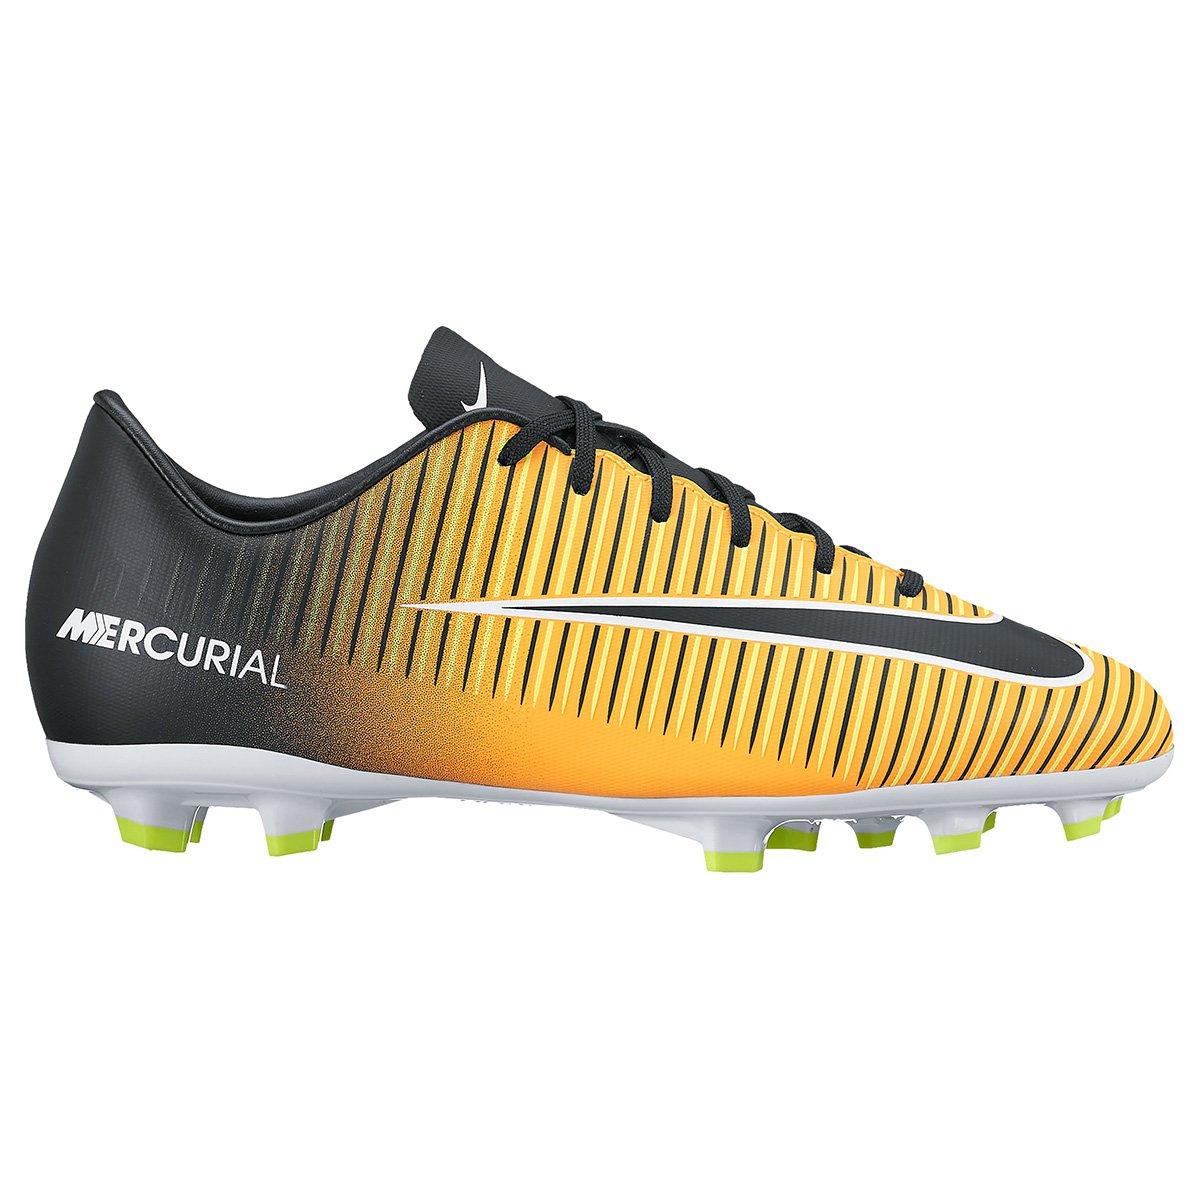 8d9da77e10 Chuteira Campo Infantil Nike Mercurial Vapor XI FG - Compre Agora ...